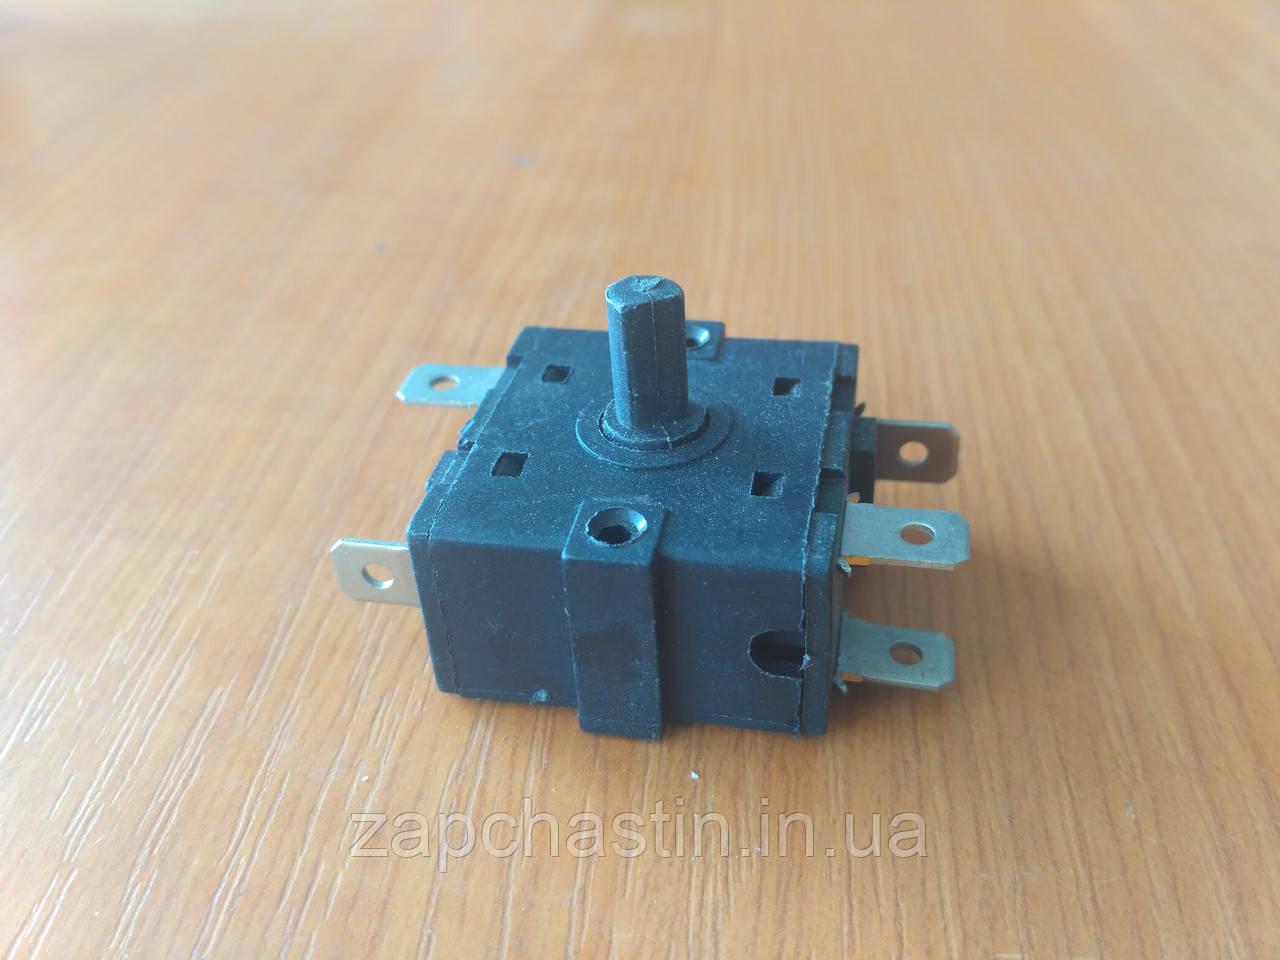 Перемикач обігрівача 16А, 250V, 5 контактів / 4 позіціі